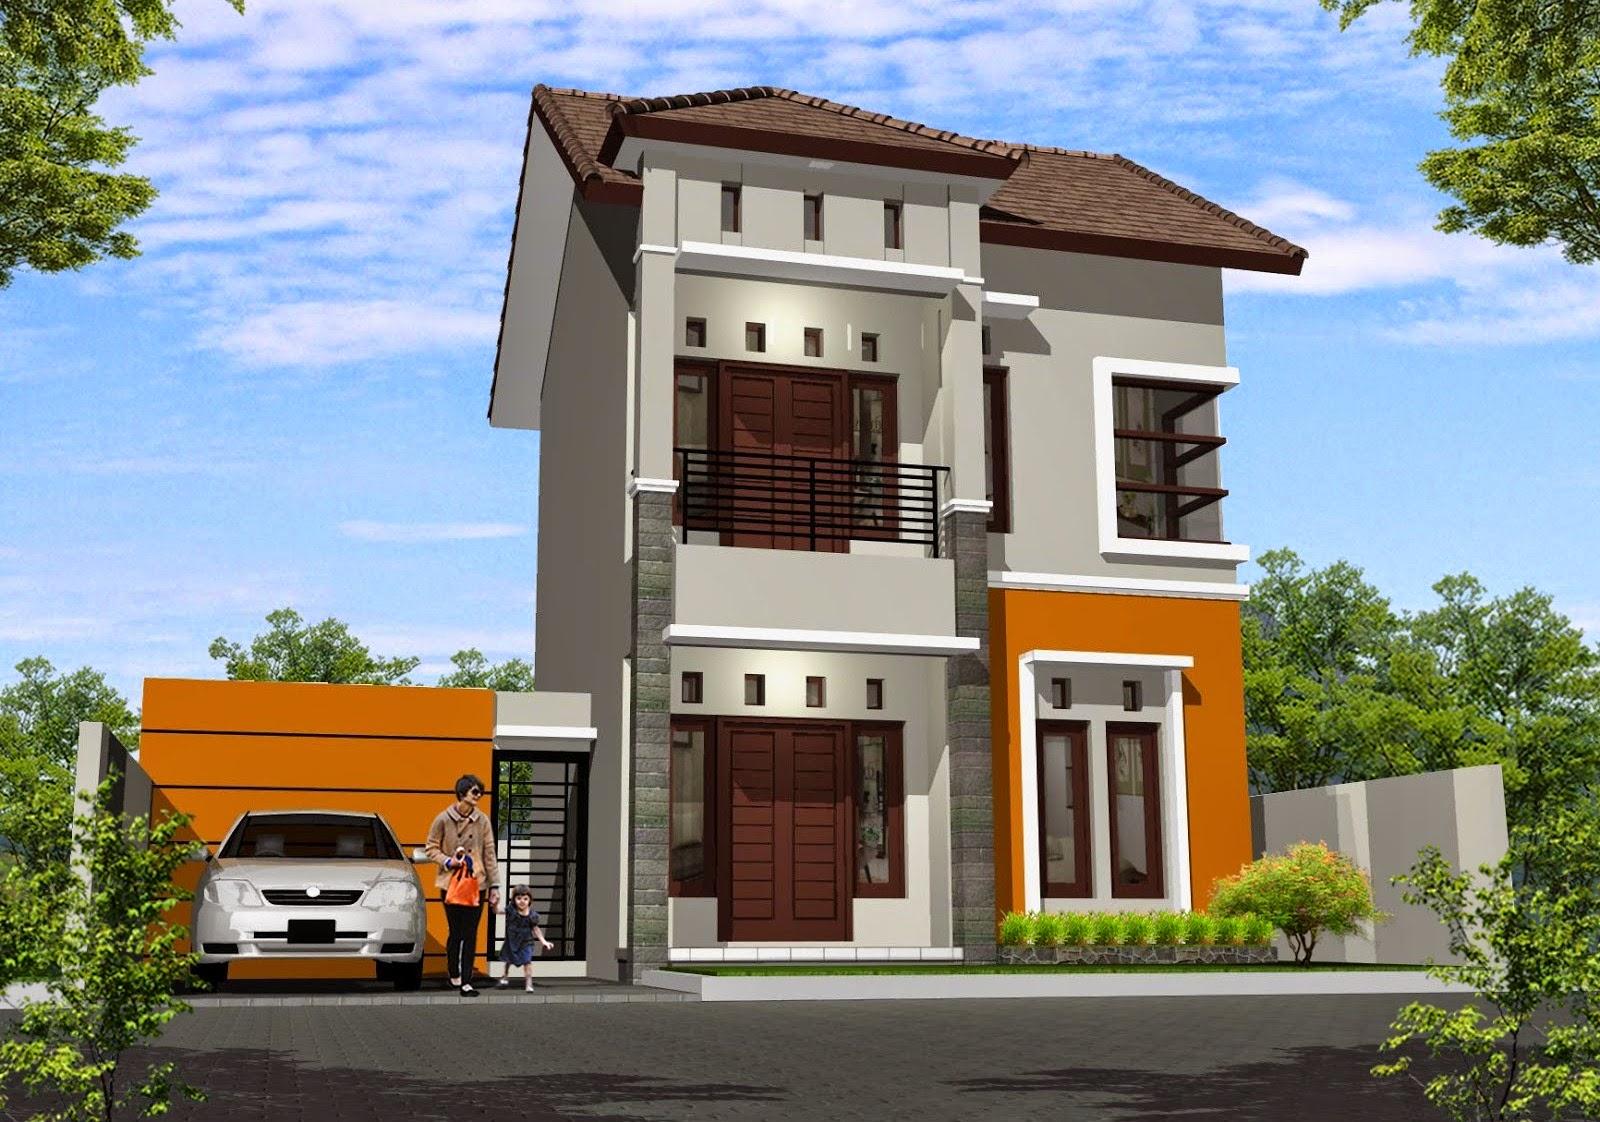 61 Desain Rumah Minimalis Luas Tanah 100m2 Desain Rumah Minimalis